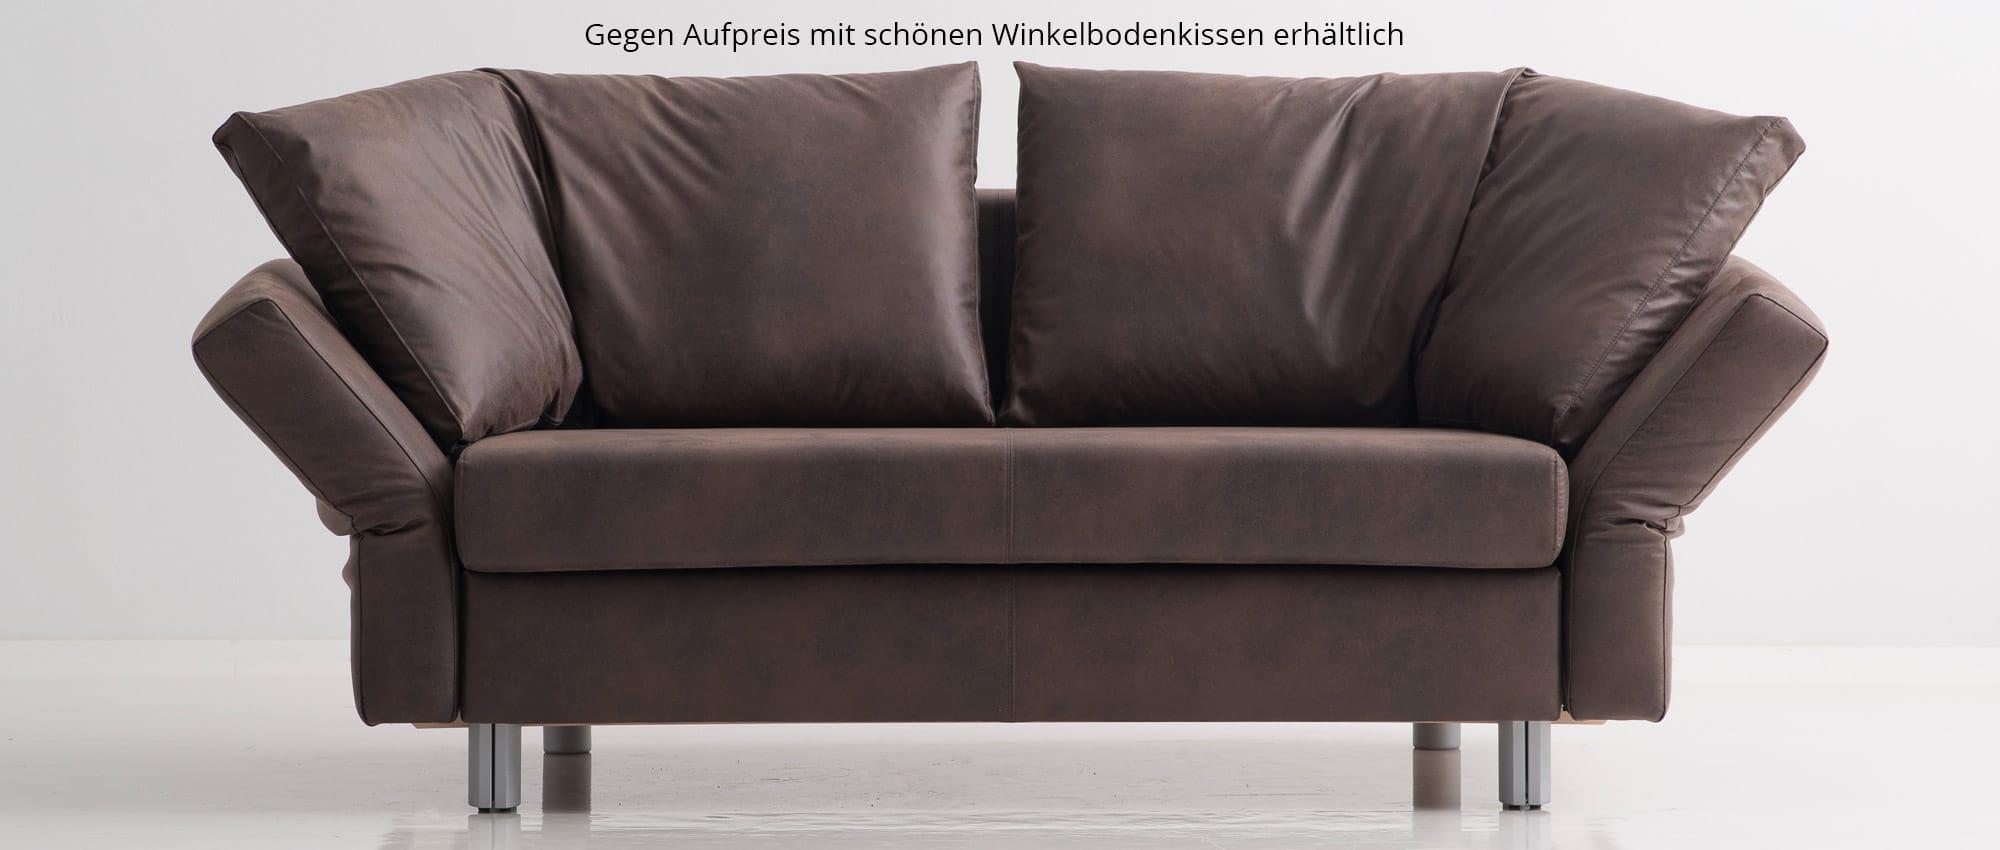 VIP Schlafsofa in Echtleder braun von Franz Fertig. Schlafsofa für 2 Personen. Gästebett mit Schlaffunktion.